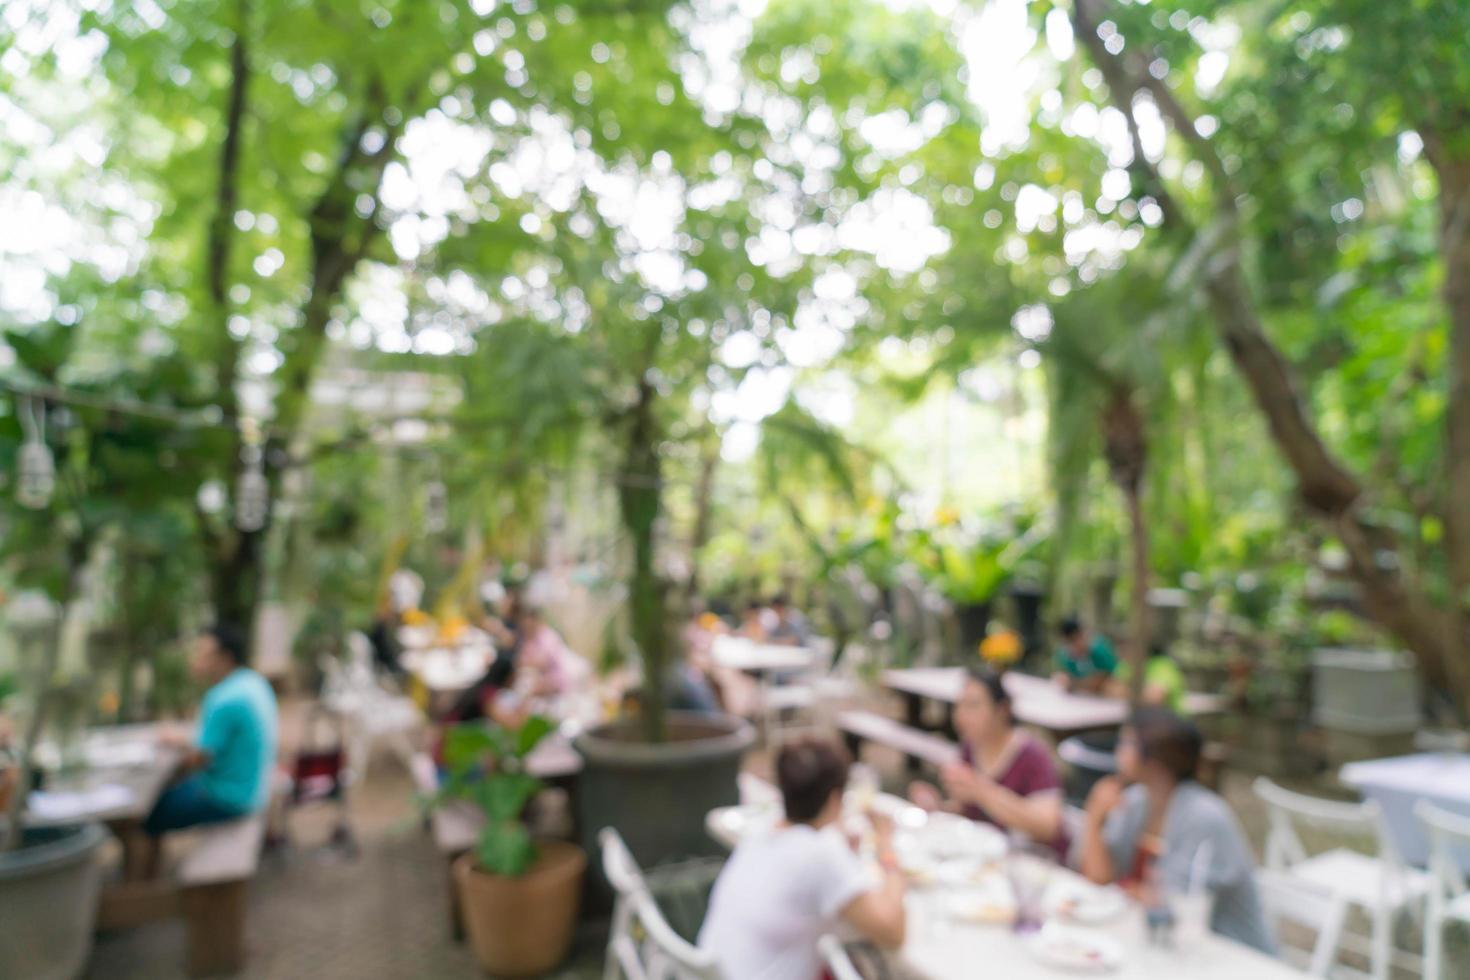 abstrakte Unschärfe Menschen im Restaurant im Freien für den Hintergrund foto